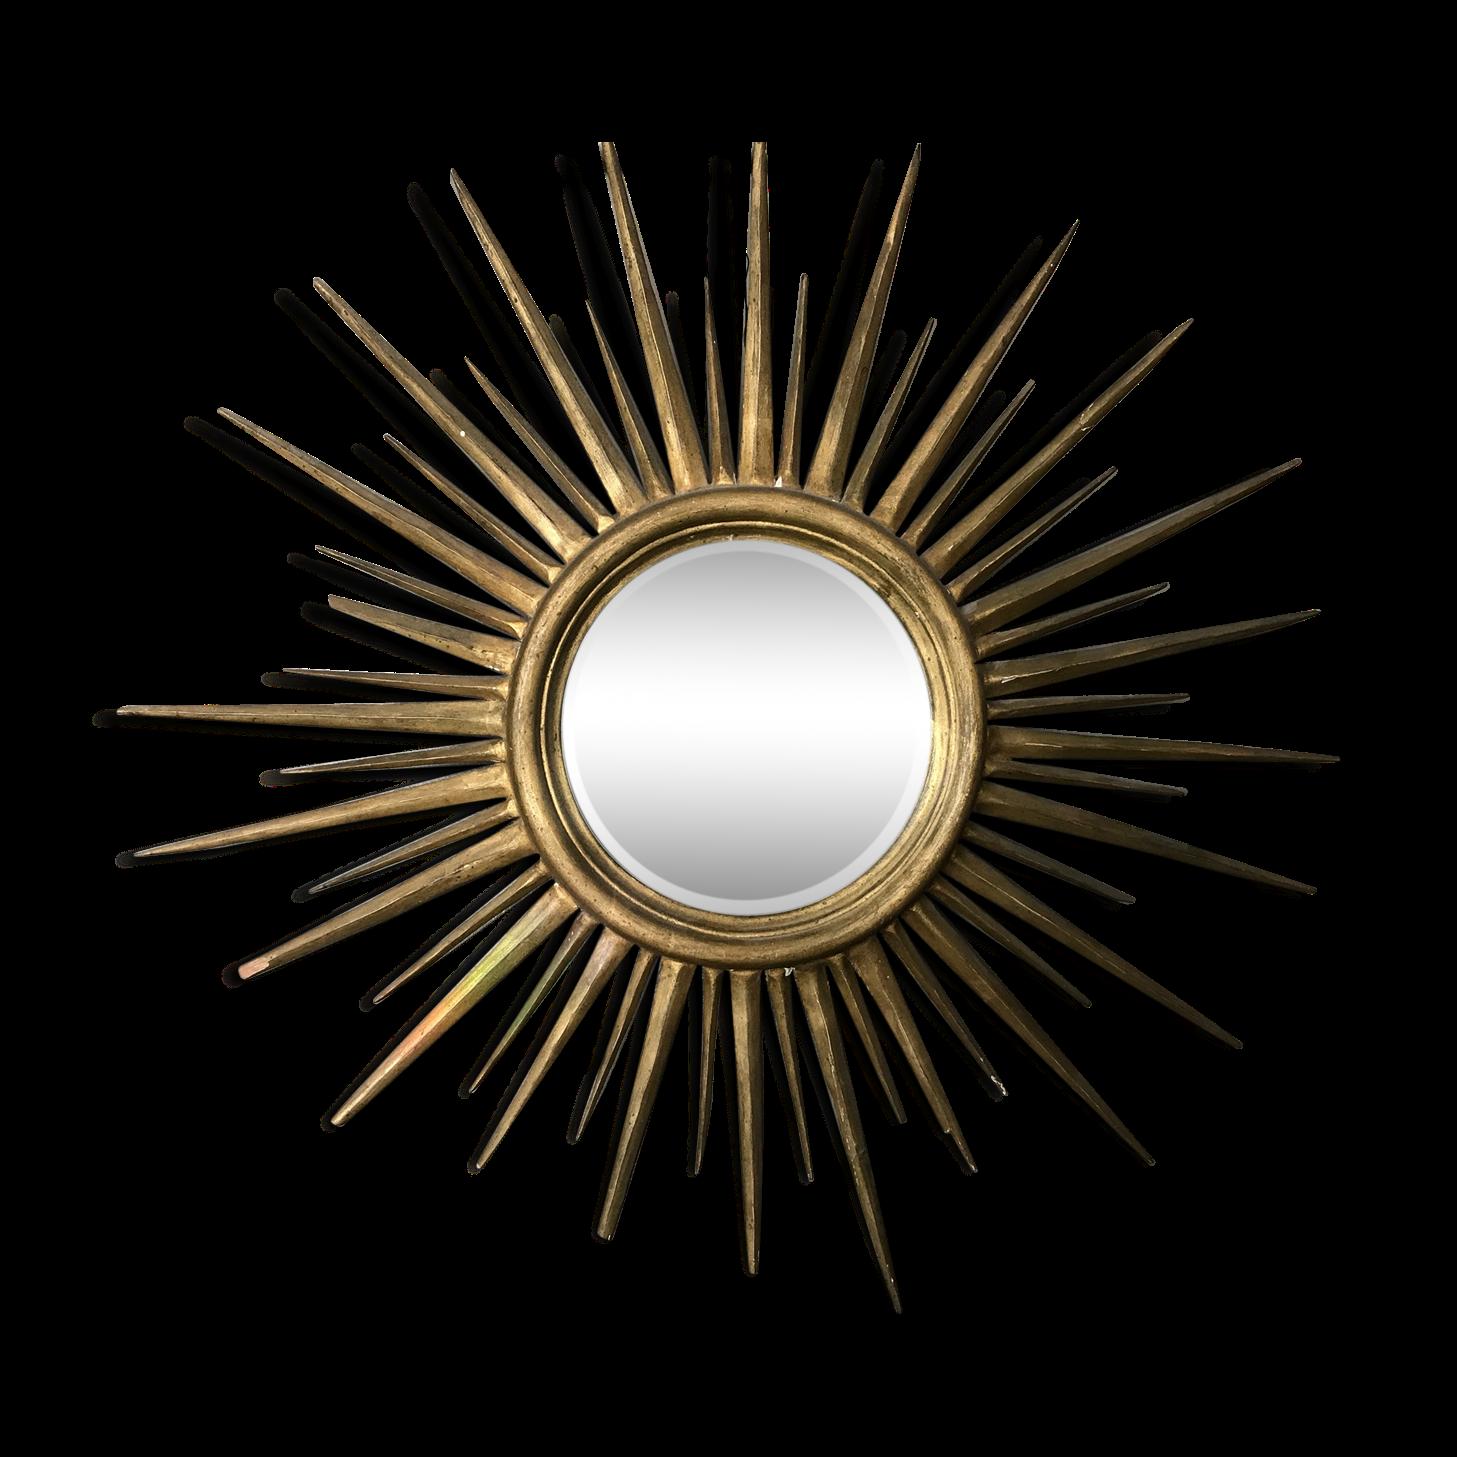 miroir soleil maison du monde balanoire macram howne uac. Black Bedroom Furniture Sets. Home Design Ideas